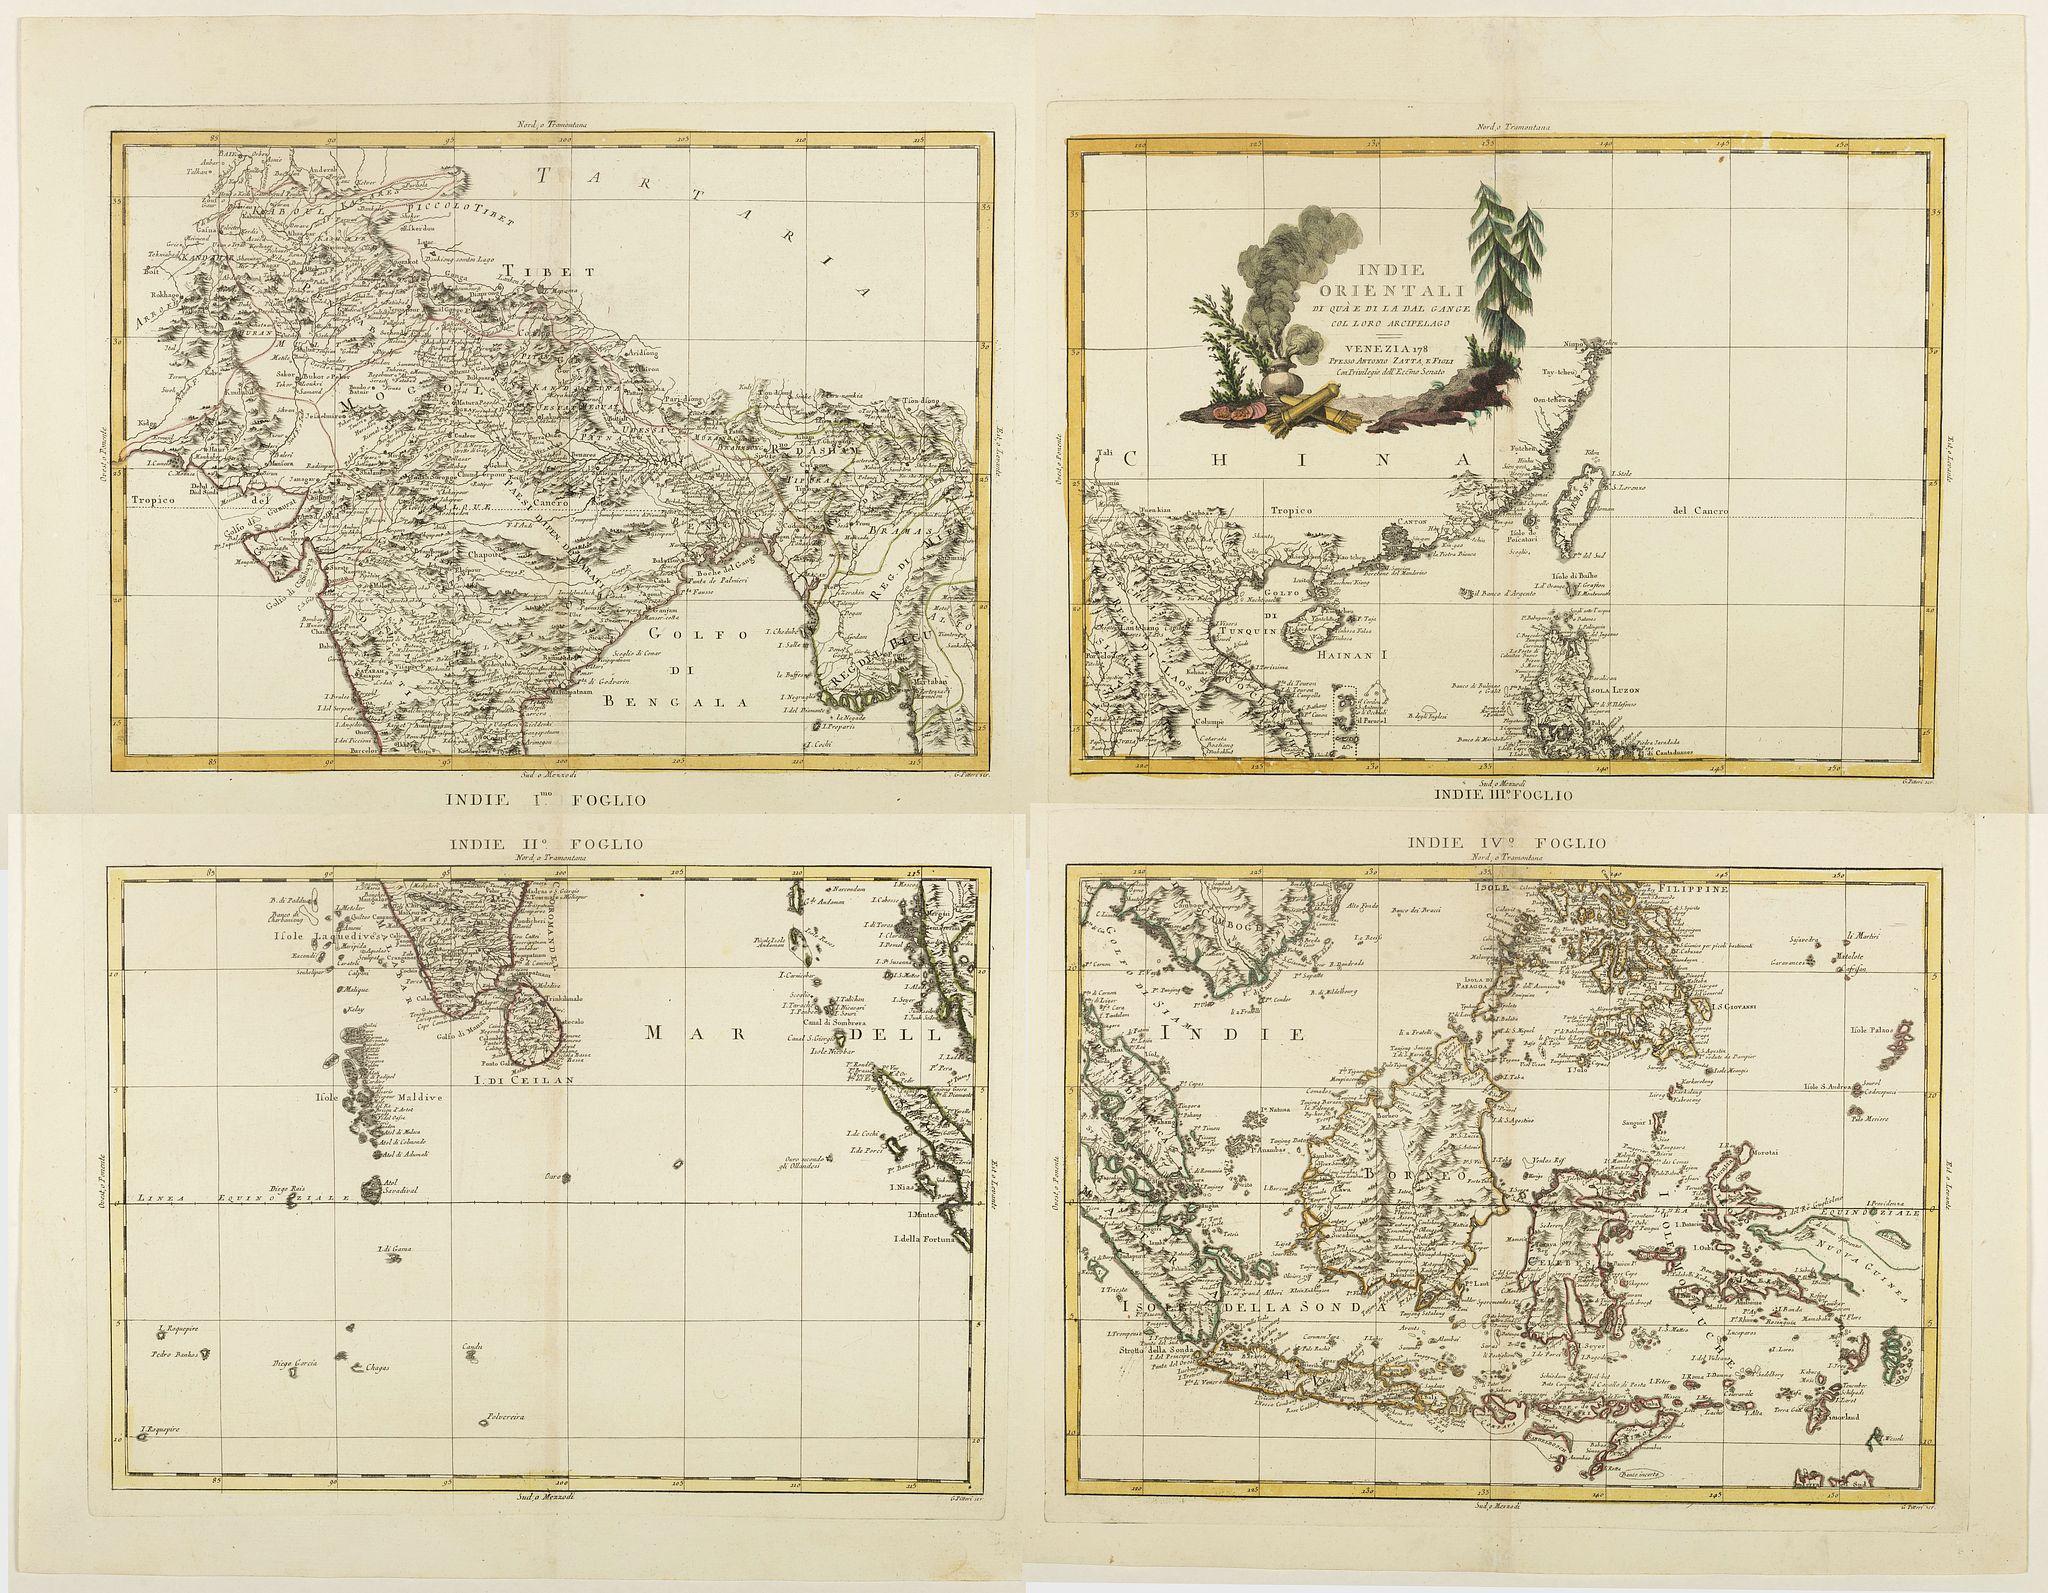 ZATTA, A. -  Indie Orientali di Quà e di la Dal Gange col Loro Arcipelago.